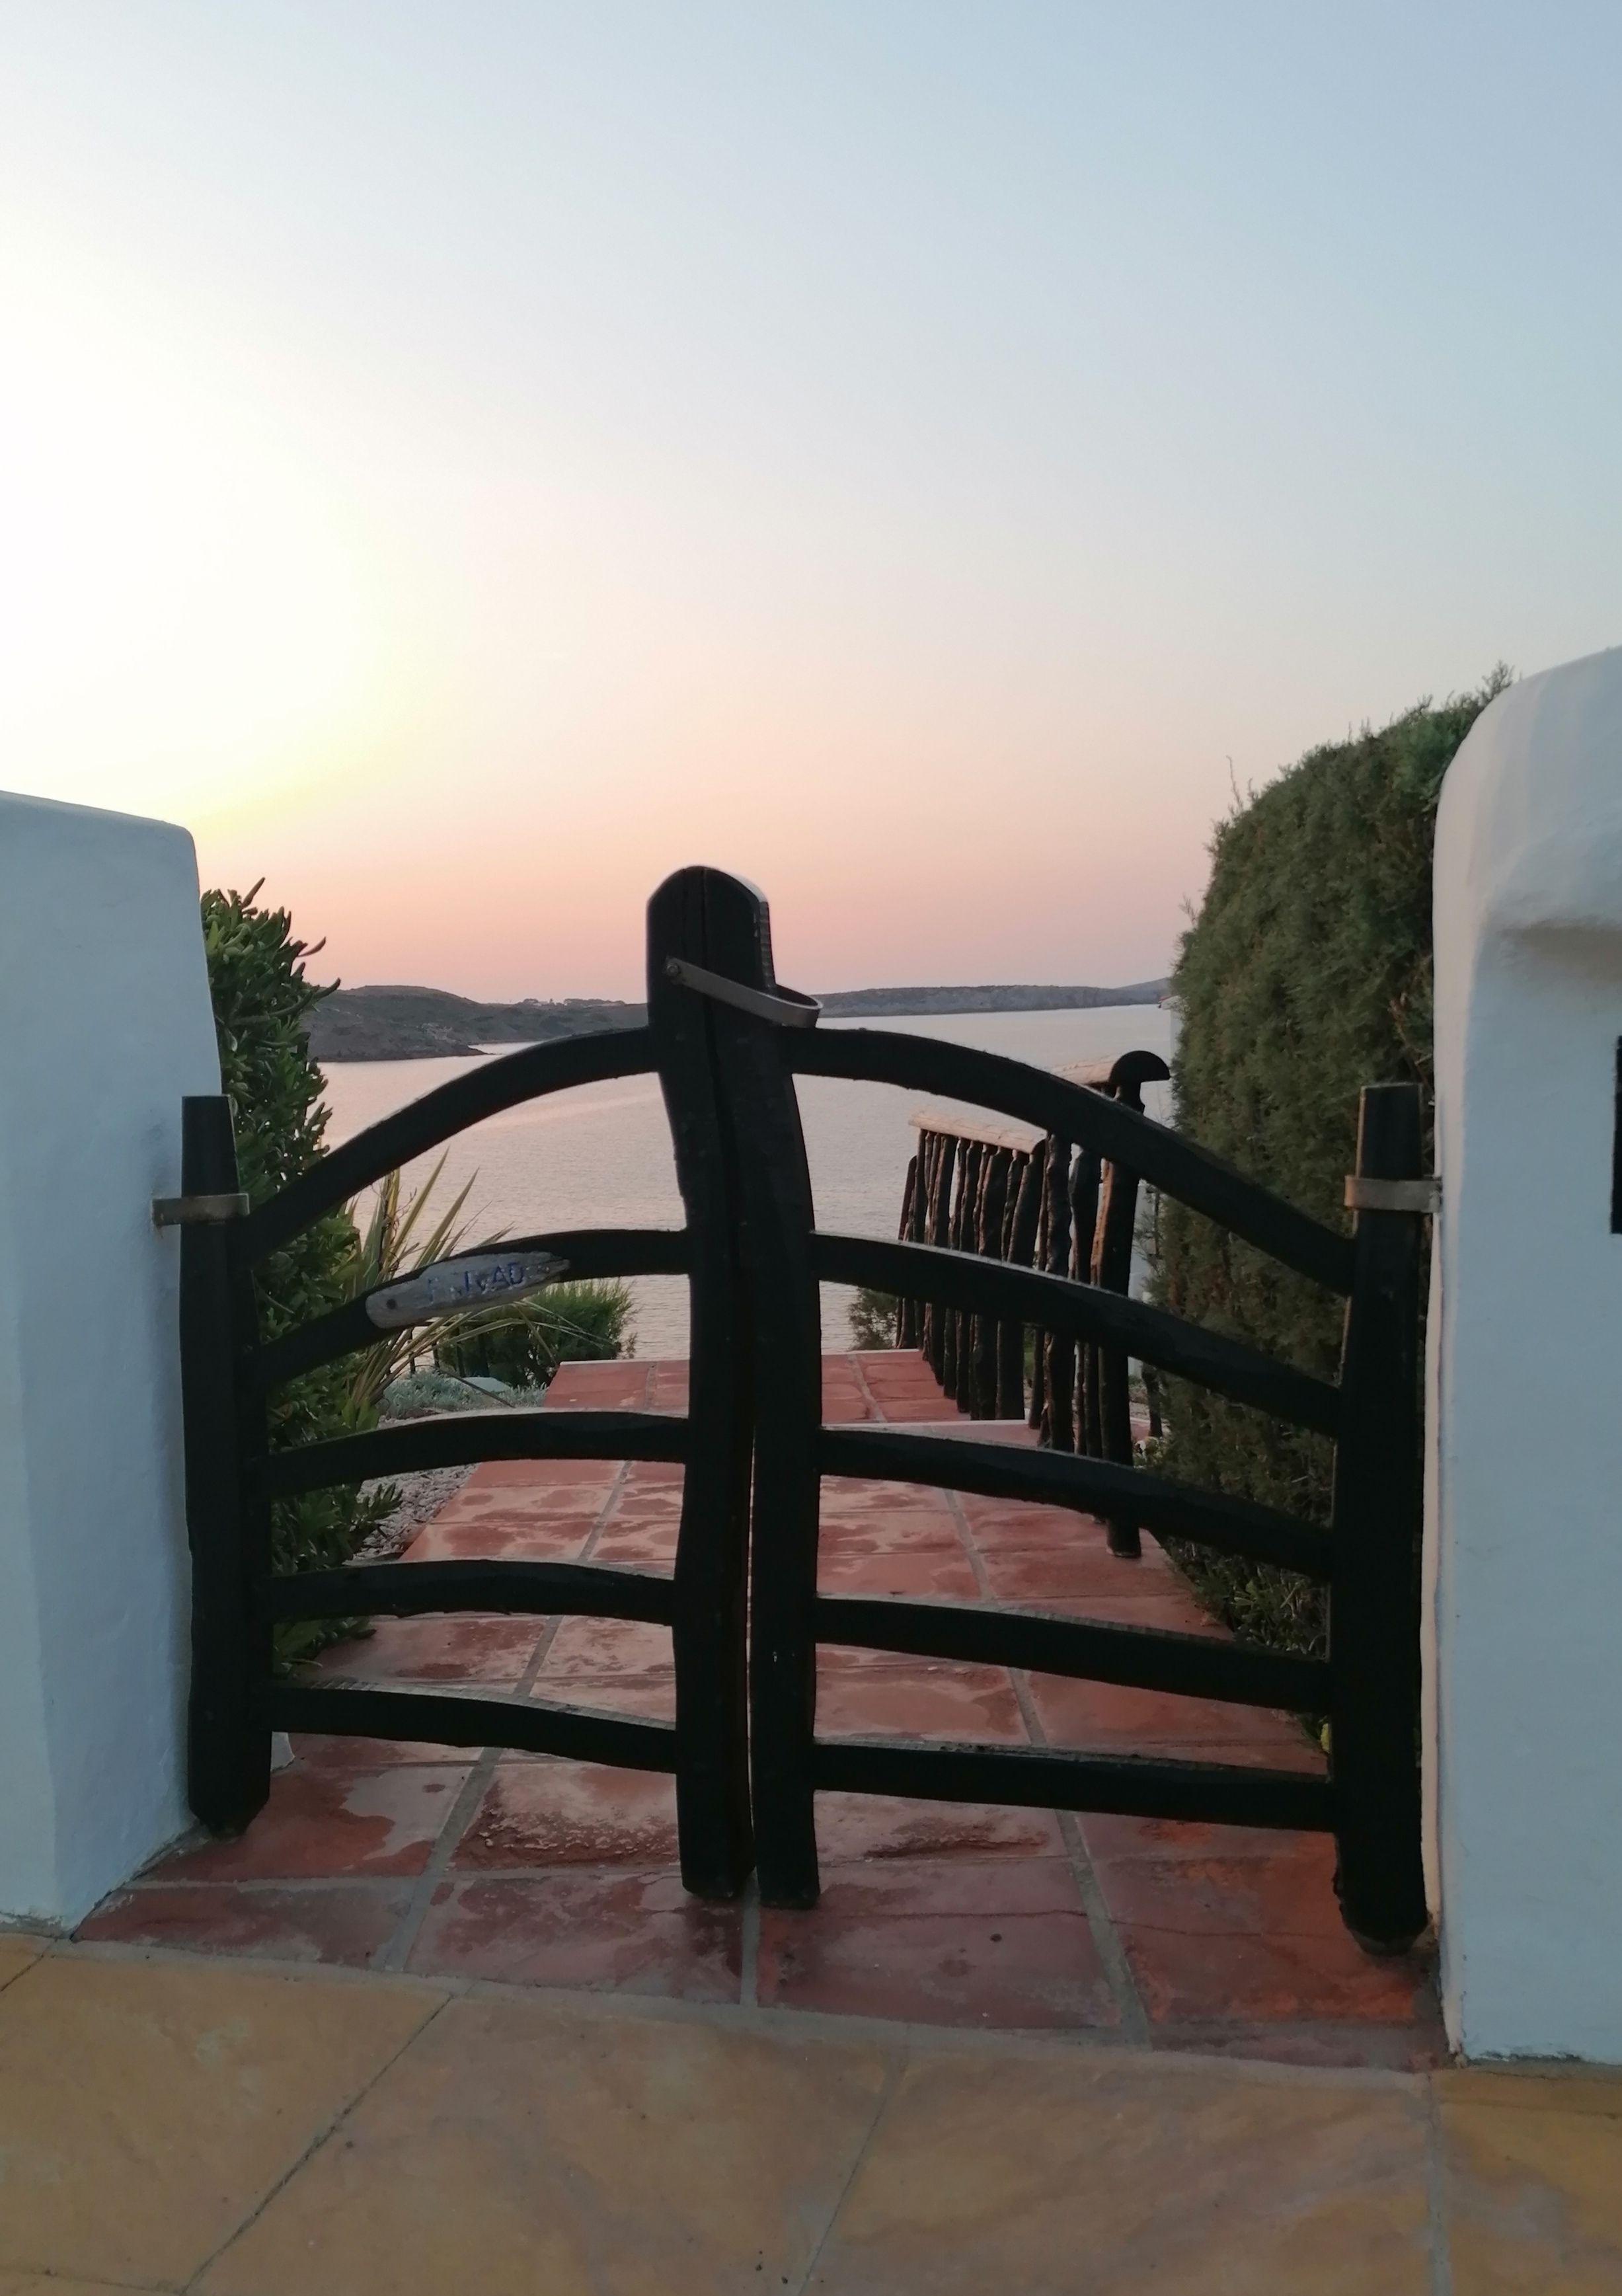 Las puertas del paraiso Menorca#Marta Aldecoa Martinez 269